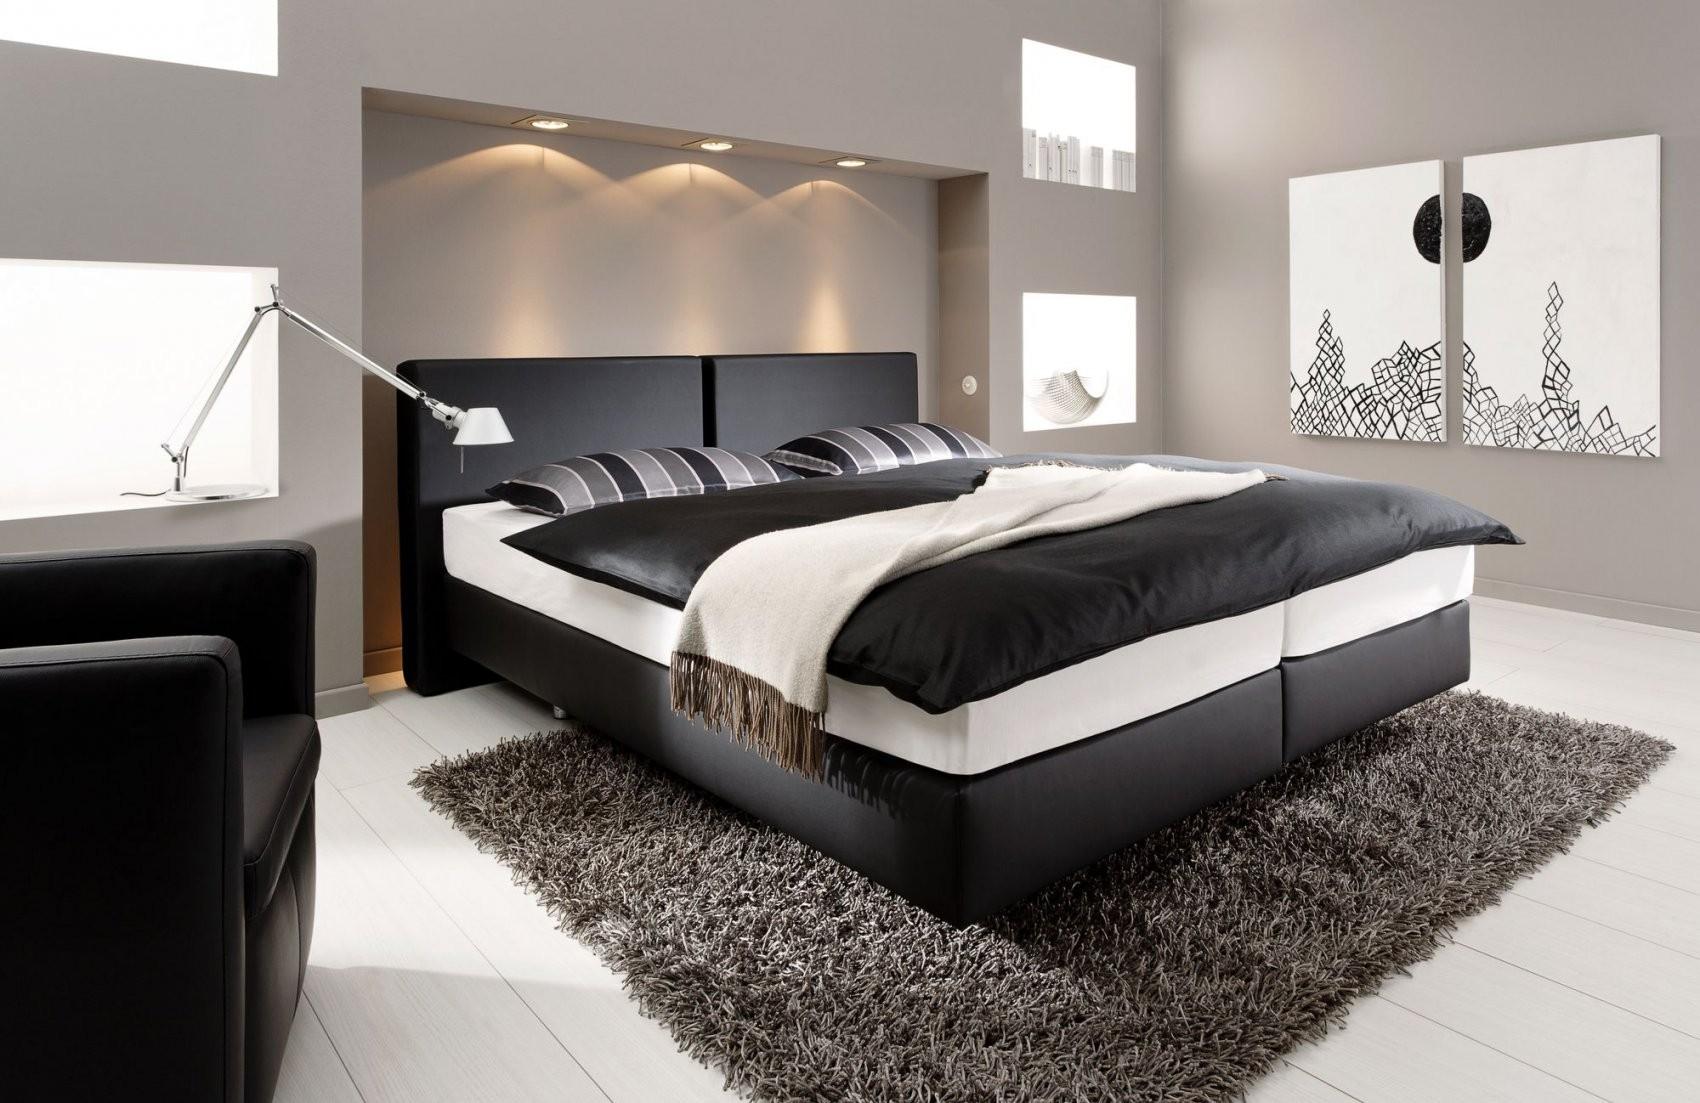 Boxspring Couture Ein Programm Für Höchsten Schlafkomfort von Hülsta Boxspring Bett Photo